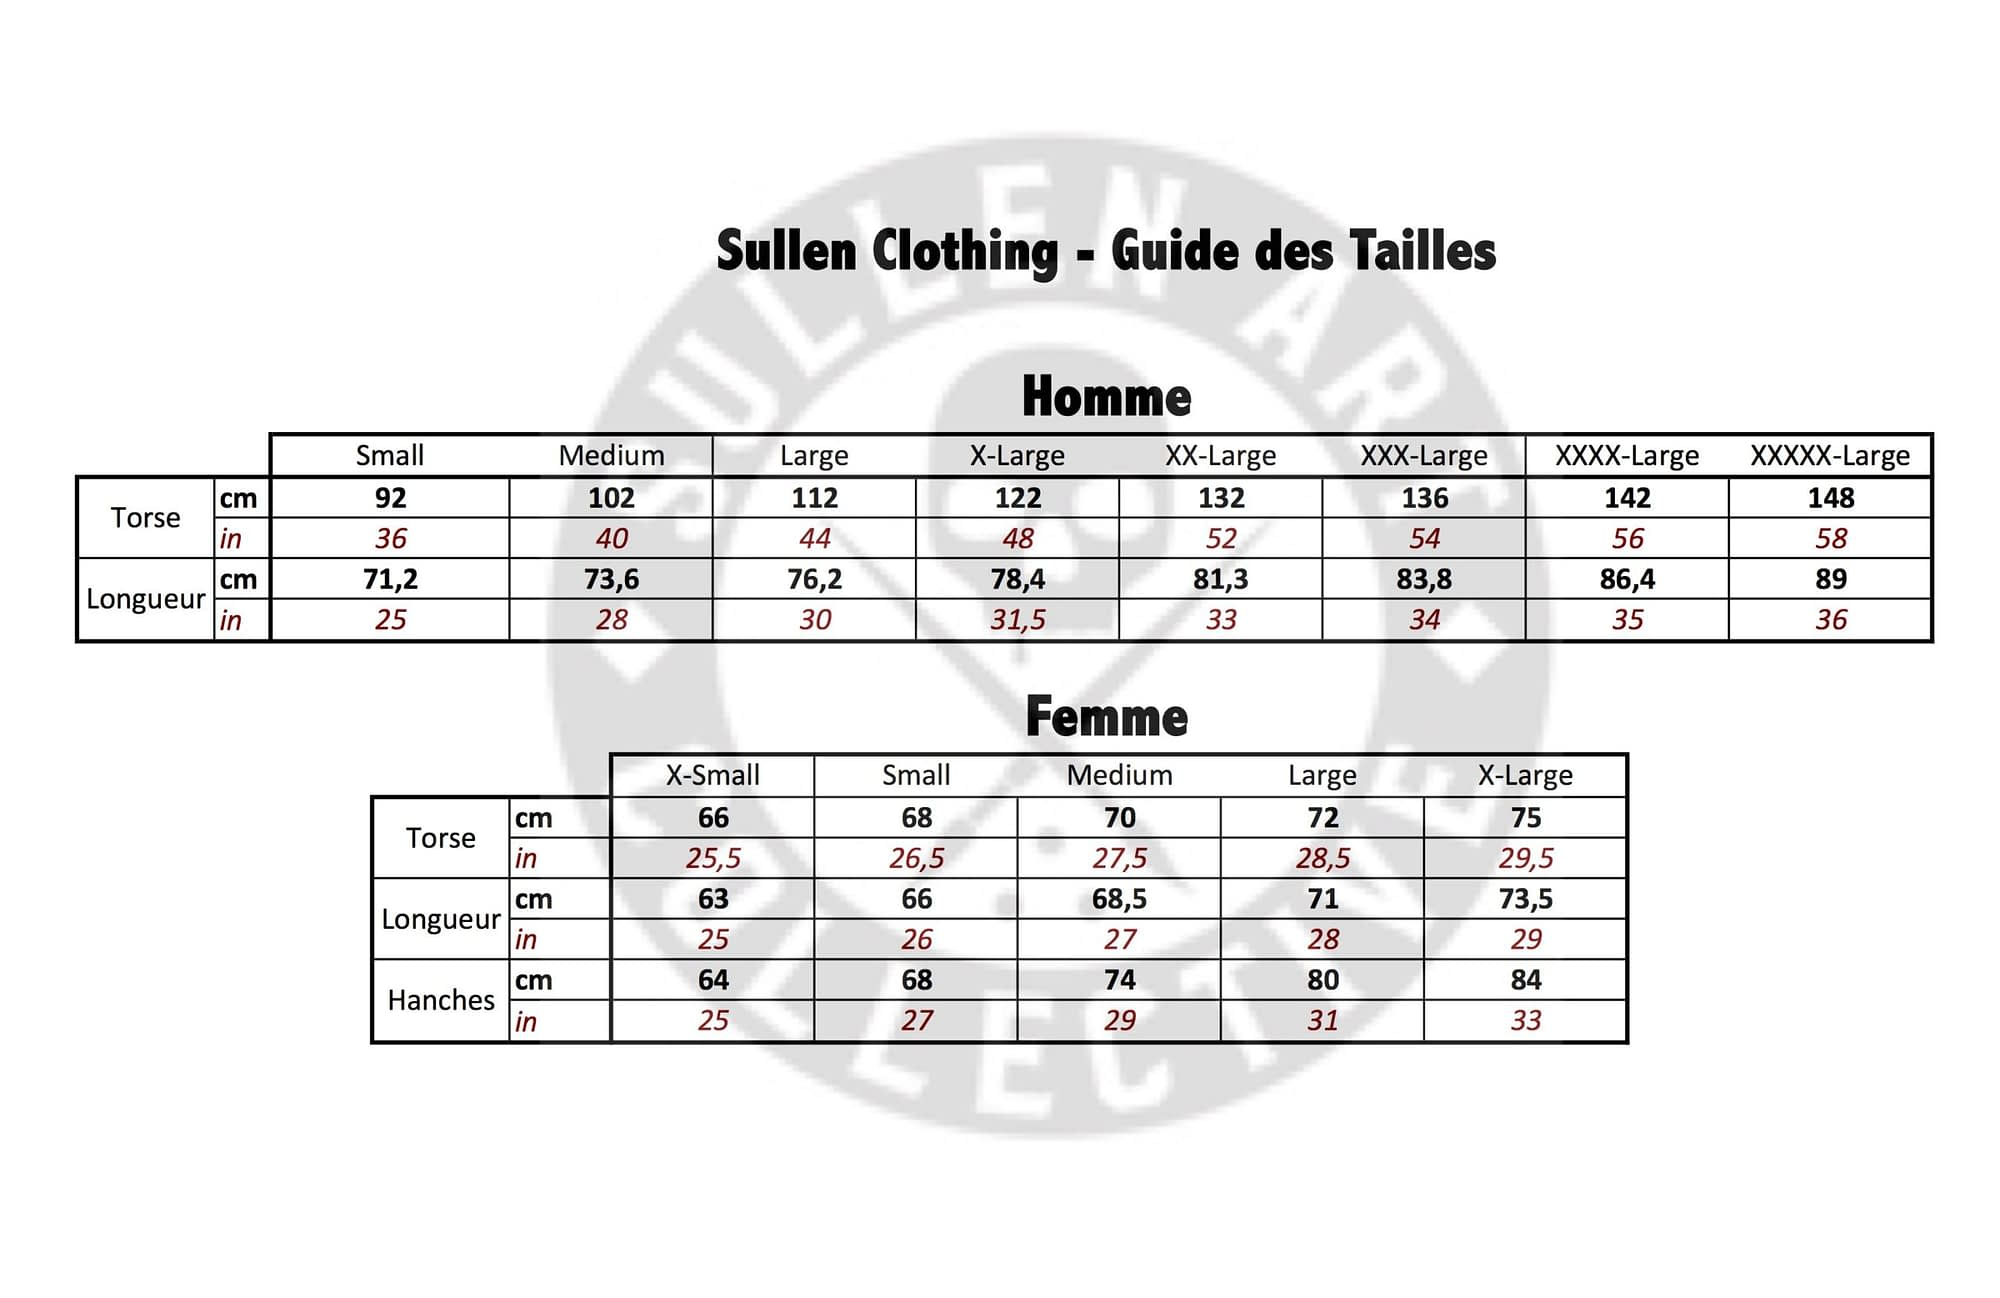 Size Charts - Size guide - Sullen CLothign - Sullen Art Collective